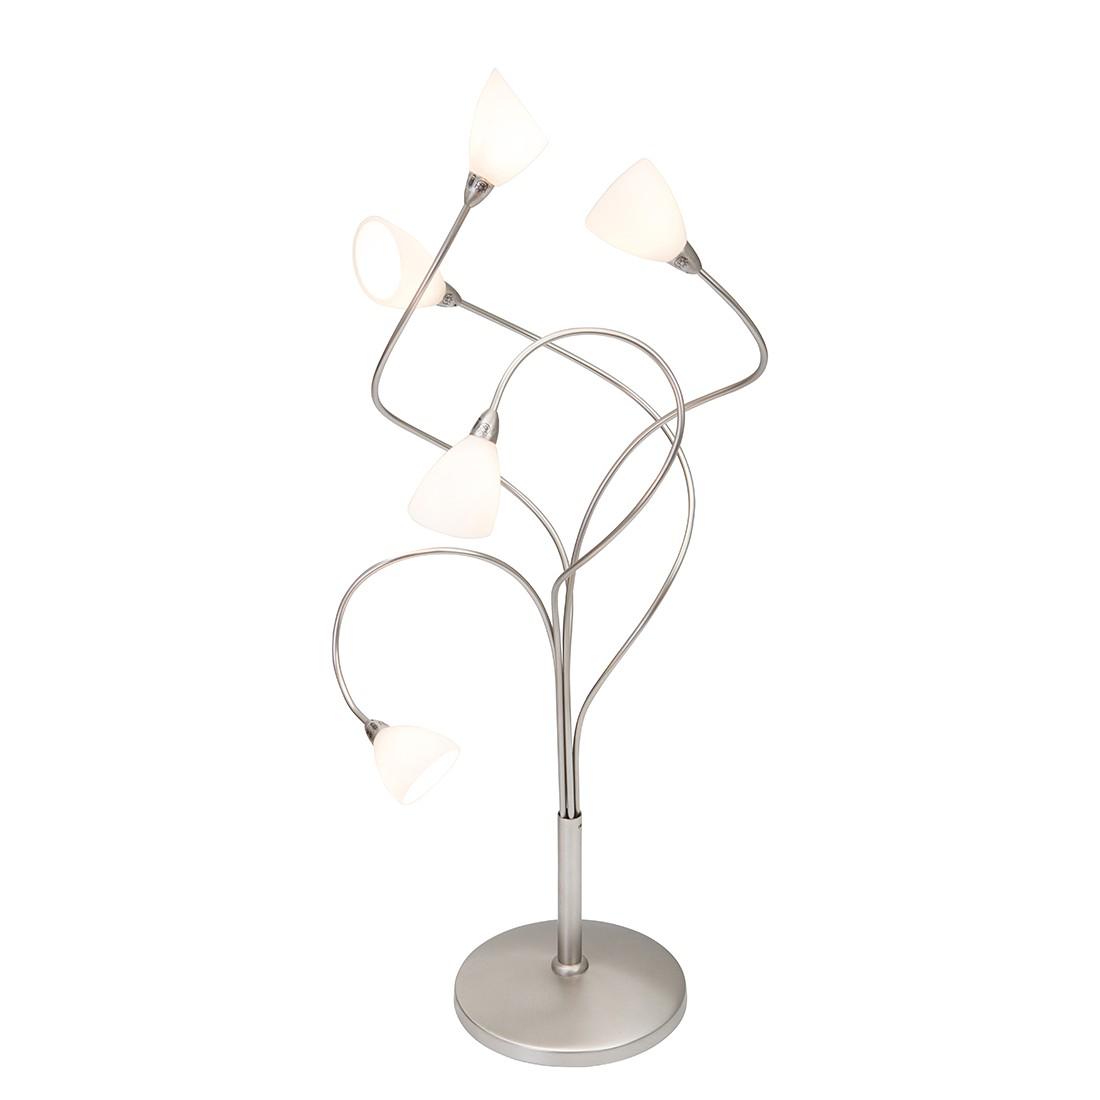 Tischleuchte Tarda 5-flammig ● Nickel matt- Steinhauer A++